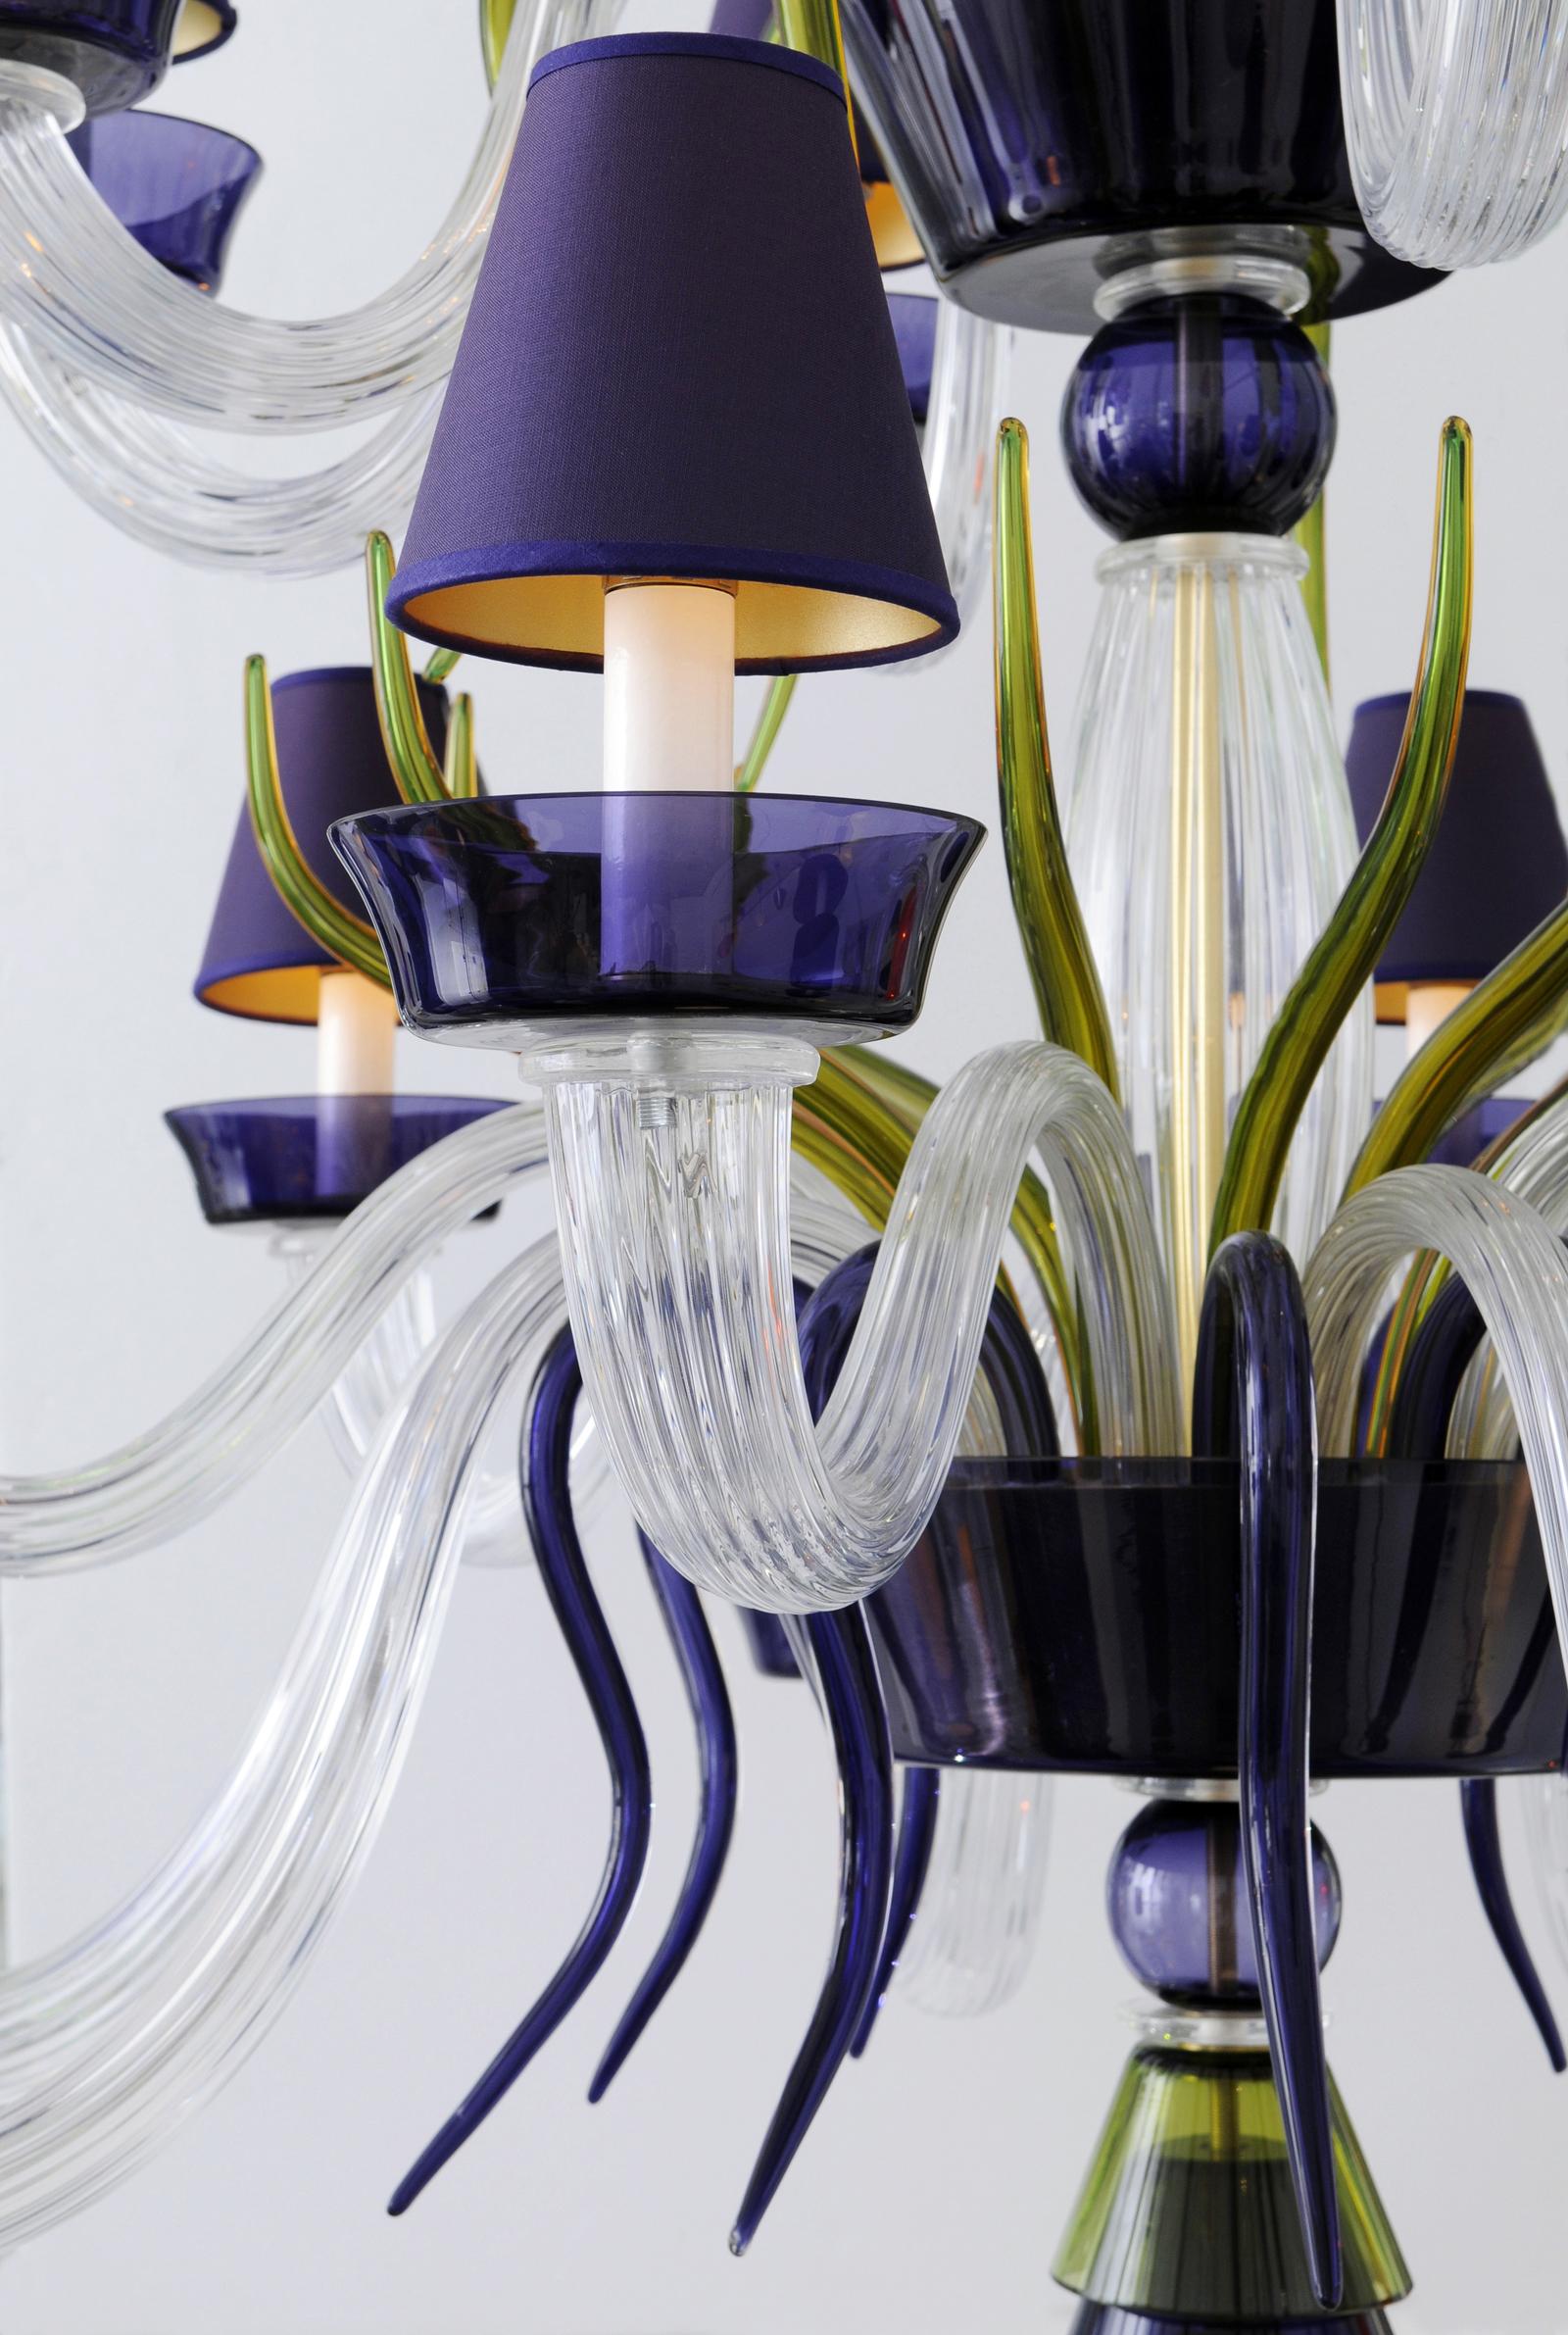 caigo-2-lustre-chandelier-olivier-gagnere-veronese-2.jpg